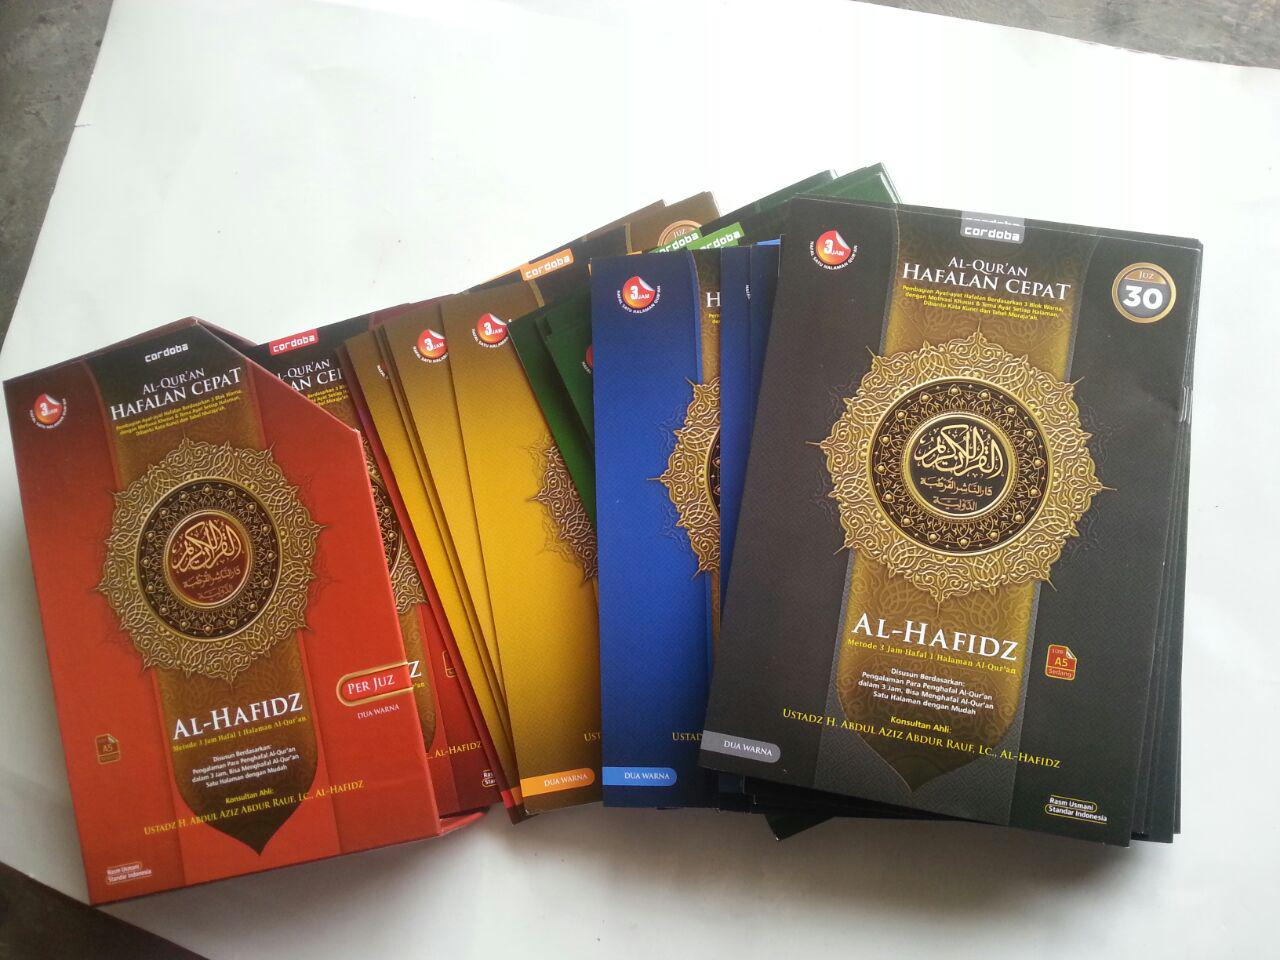 Al-Qur'an Hafalan Al-Hafidz Metode 3 jam Hafal 1 Halaman Per Juz cover 3